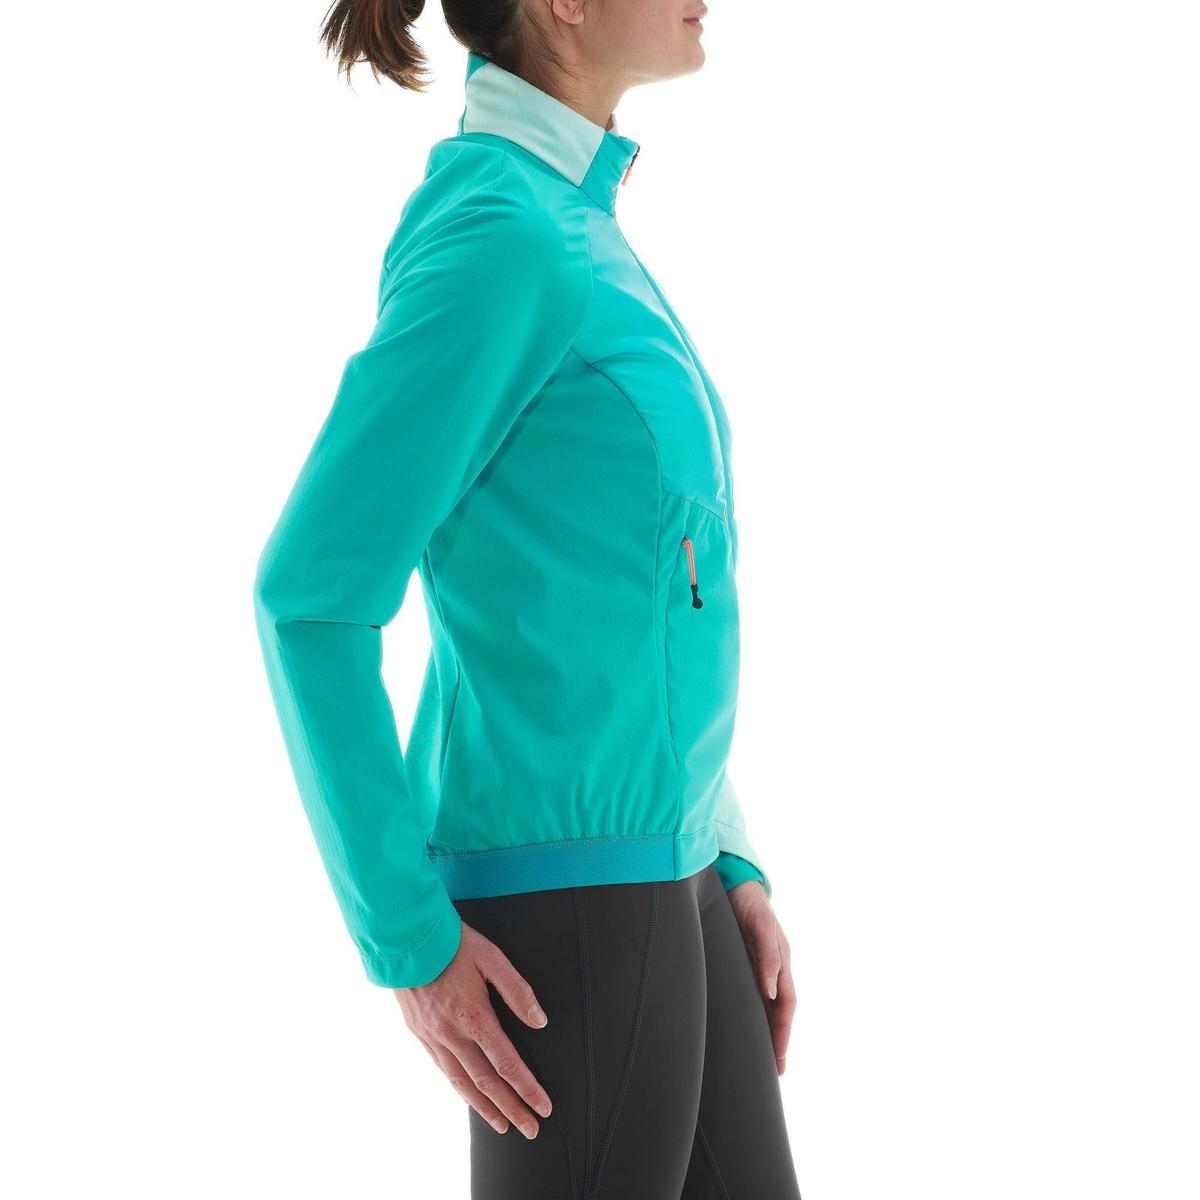 Bild 3 von Langlaufjacke XC S 550 Damen blau